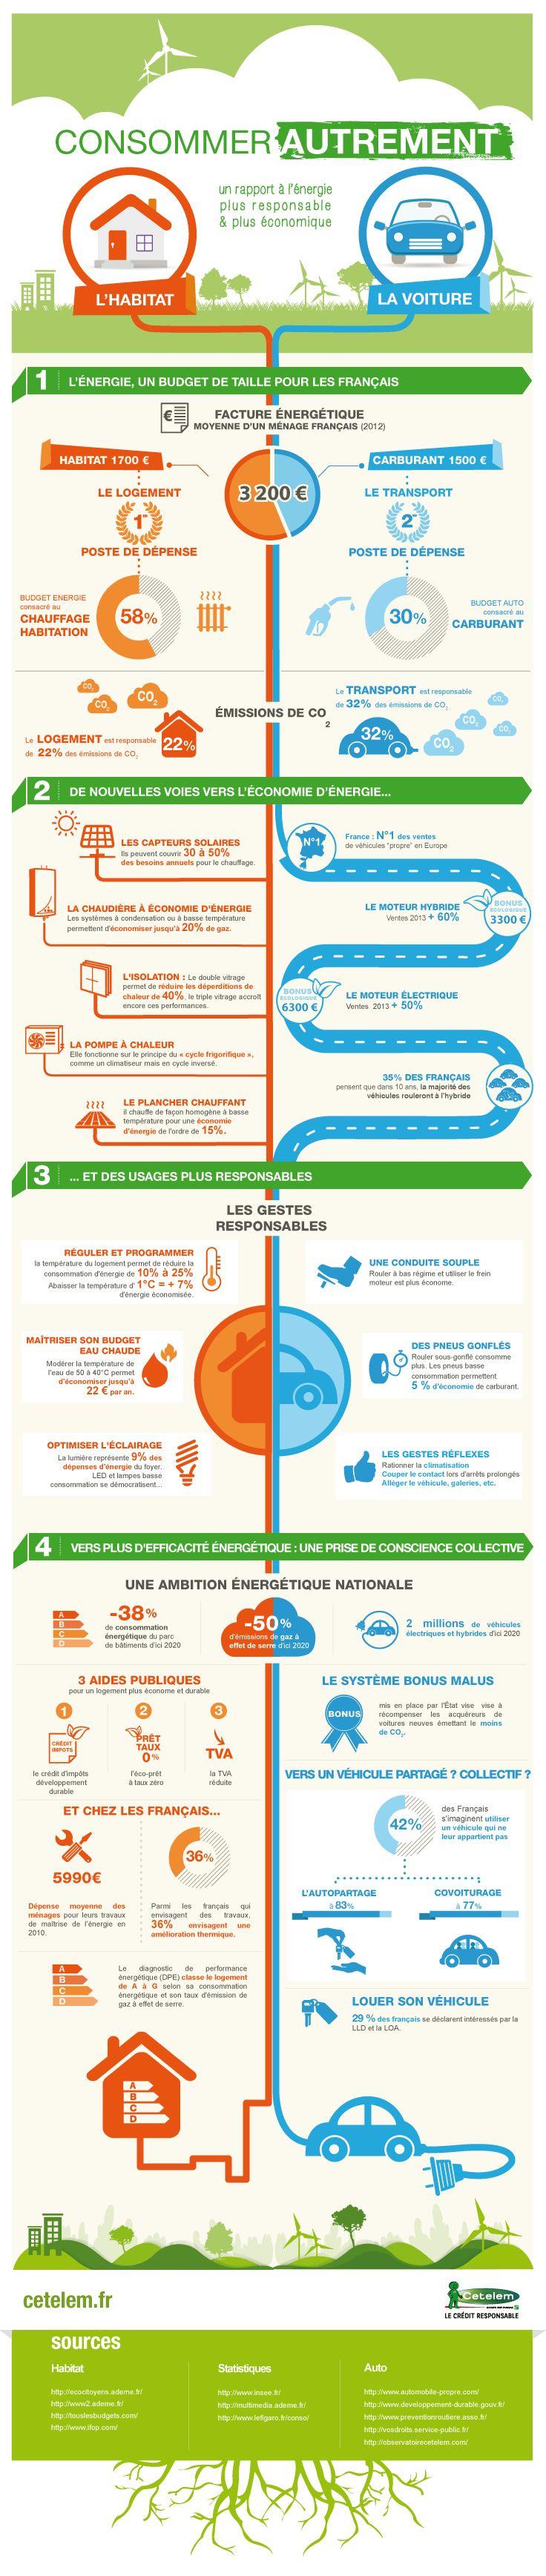 Infographie : Consommer autrement pour réduire sa facture d'énergie.